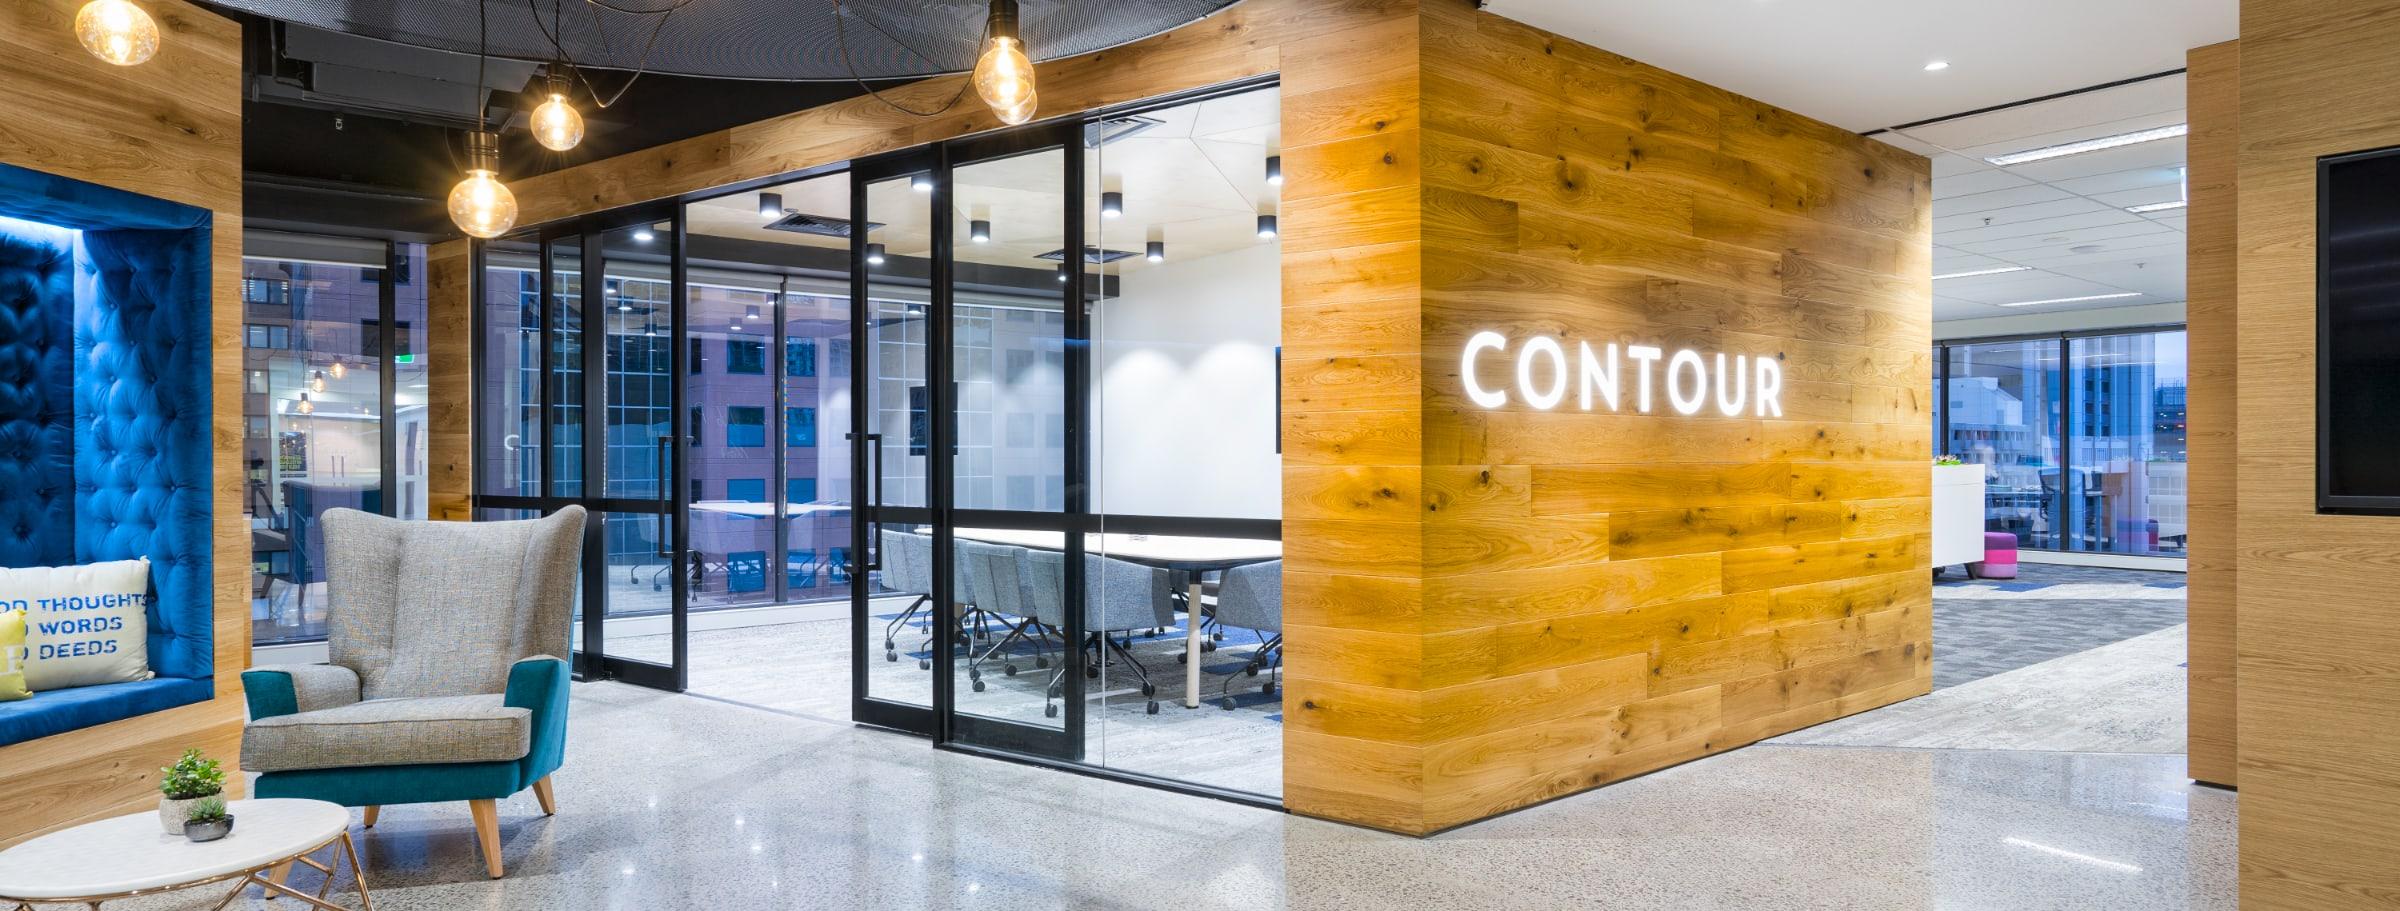 contour interiors office design